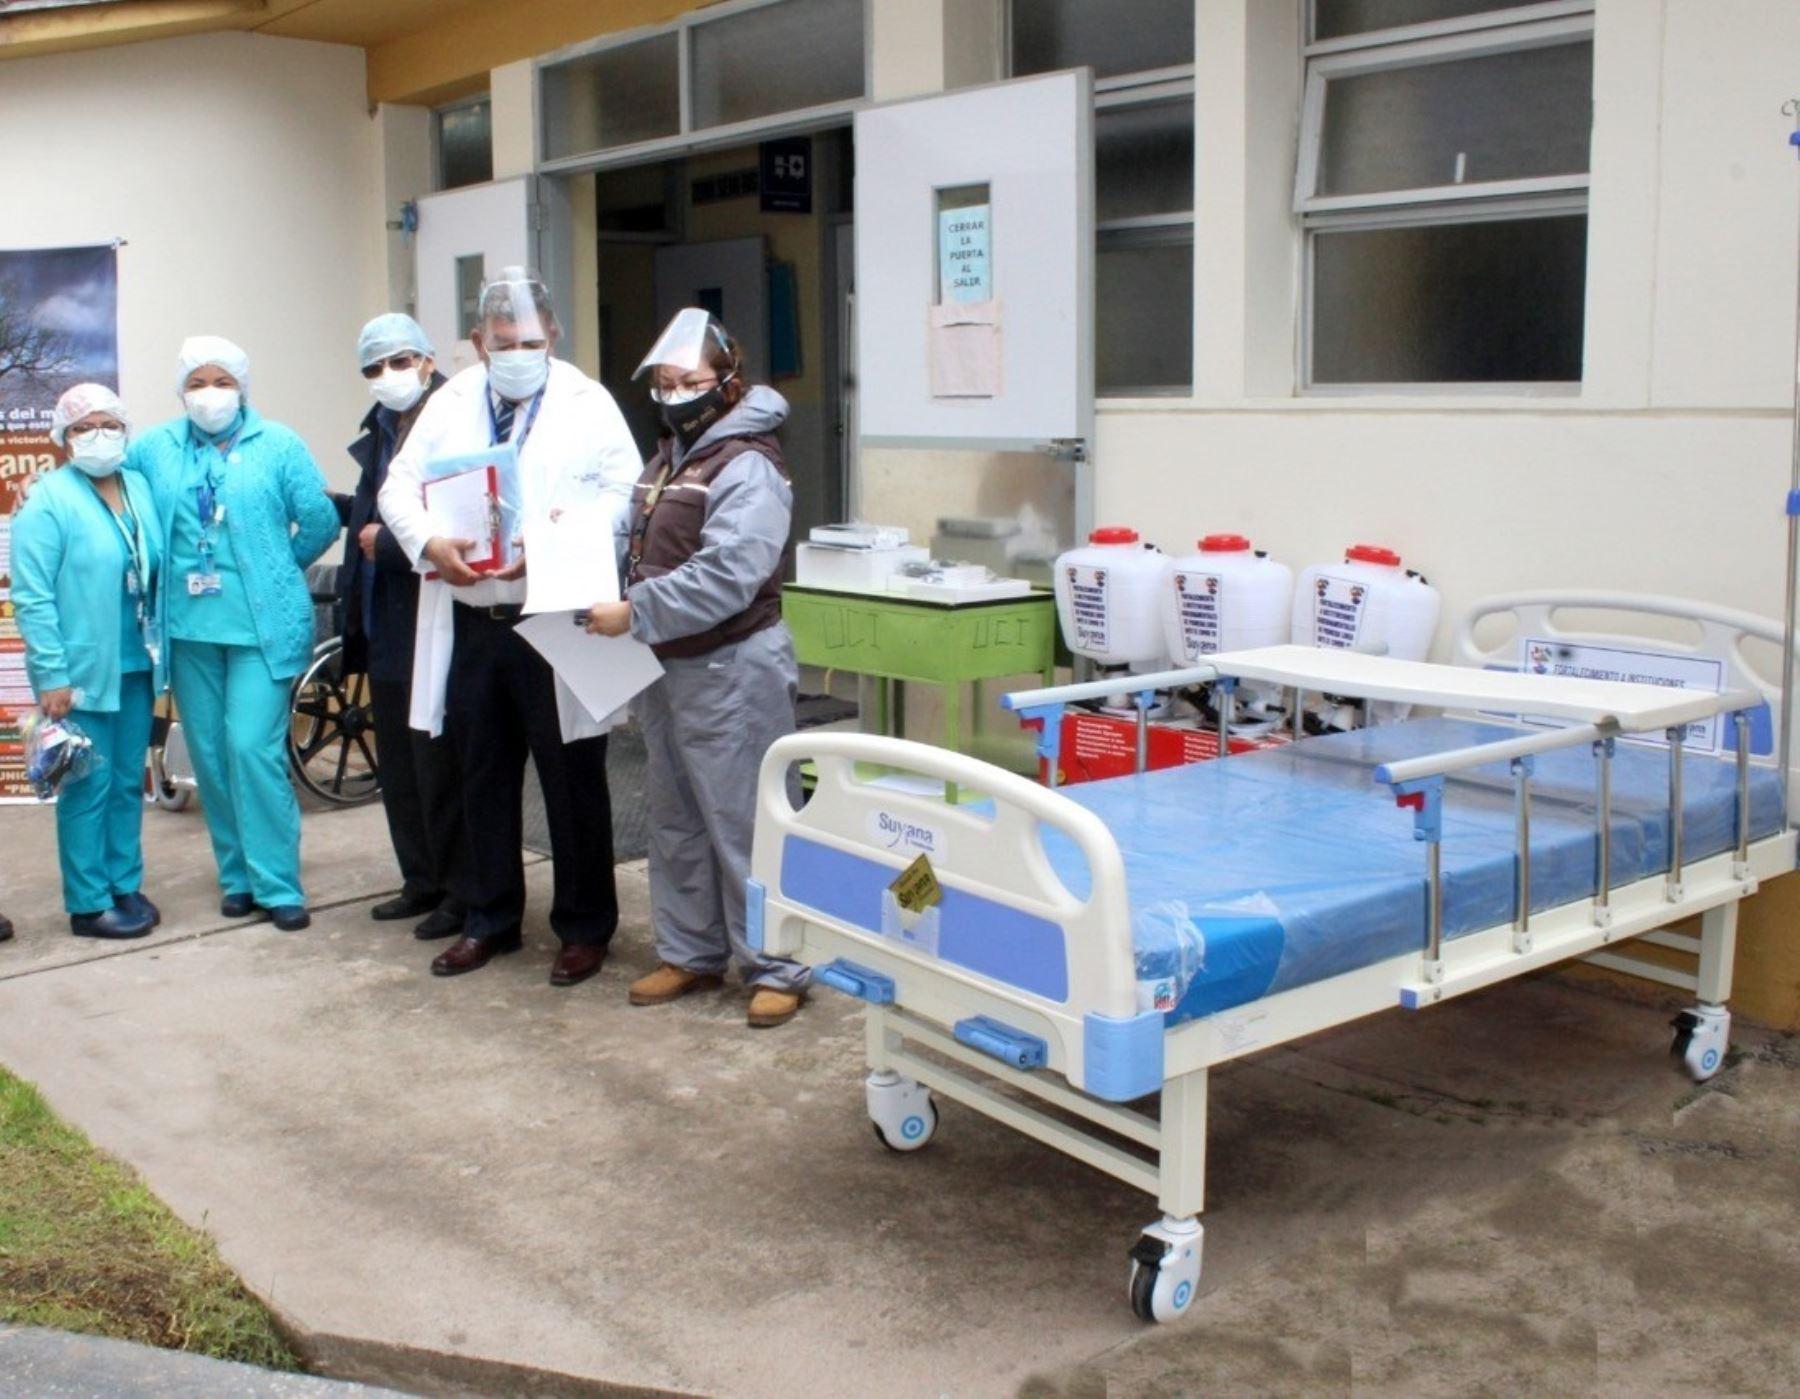 Fundación Suyana dona camas hospitalarias y equipos médicos a Hospital Regional de Cusco para mejorar atención de pacientes covid-19. ANDINA/Difusión